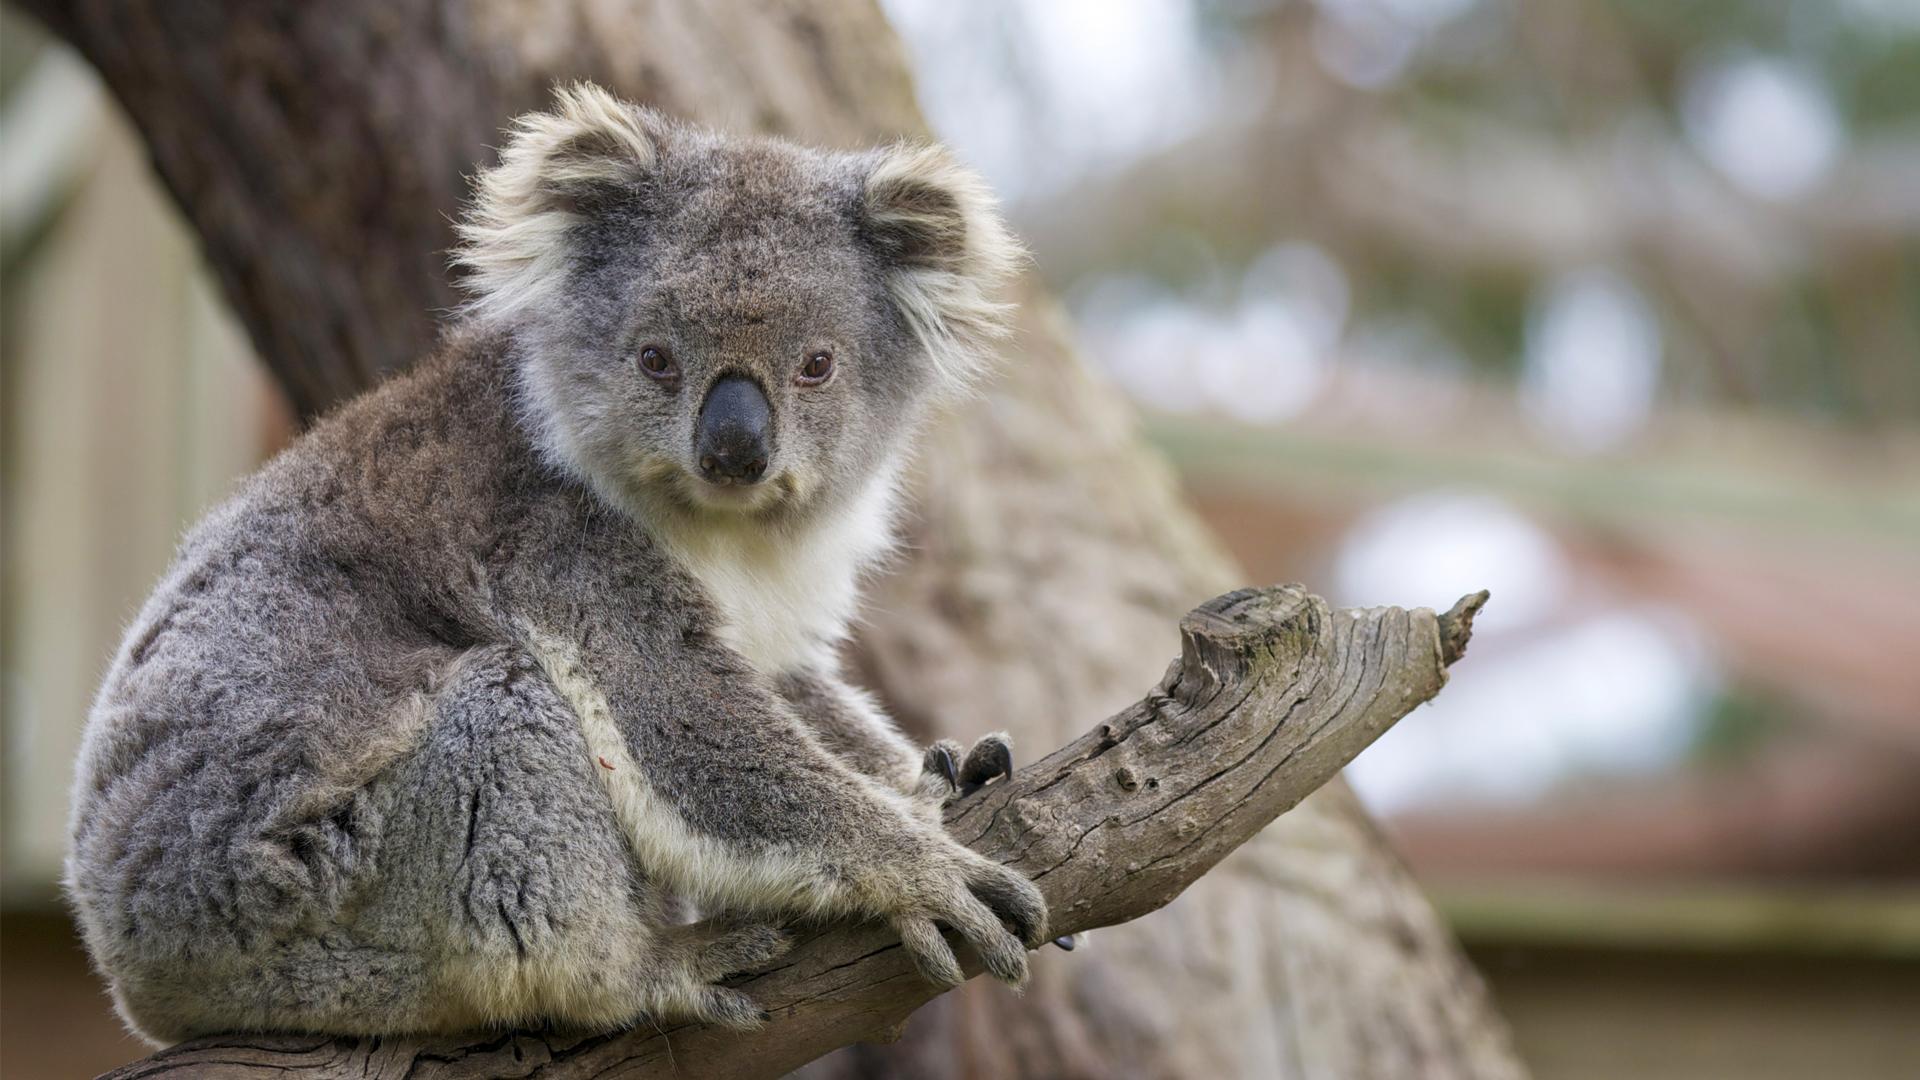 koala | Facts, Diet, &amp- Habitat | Britannica.com